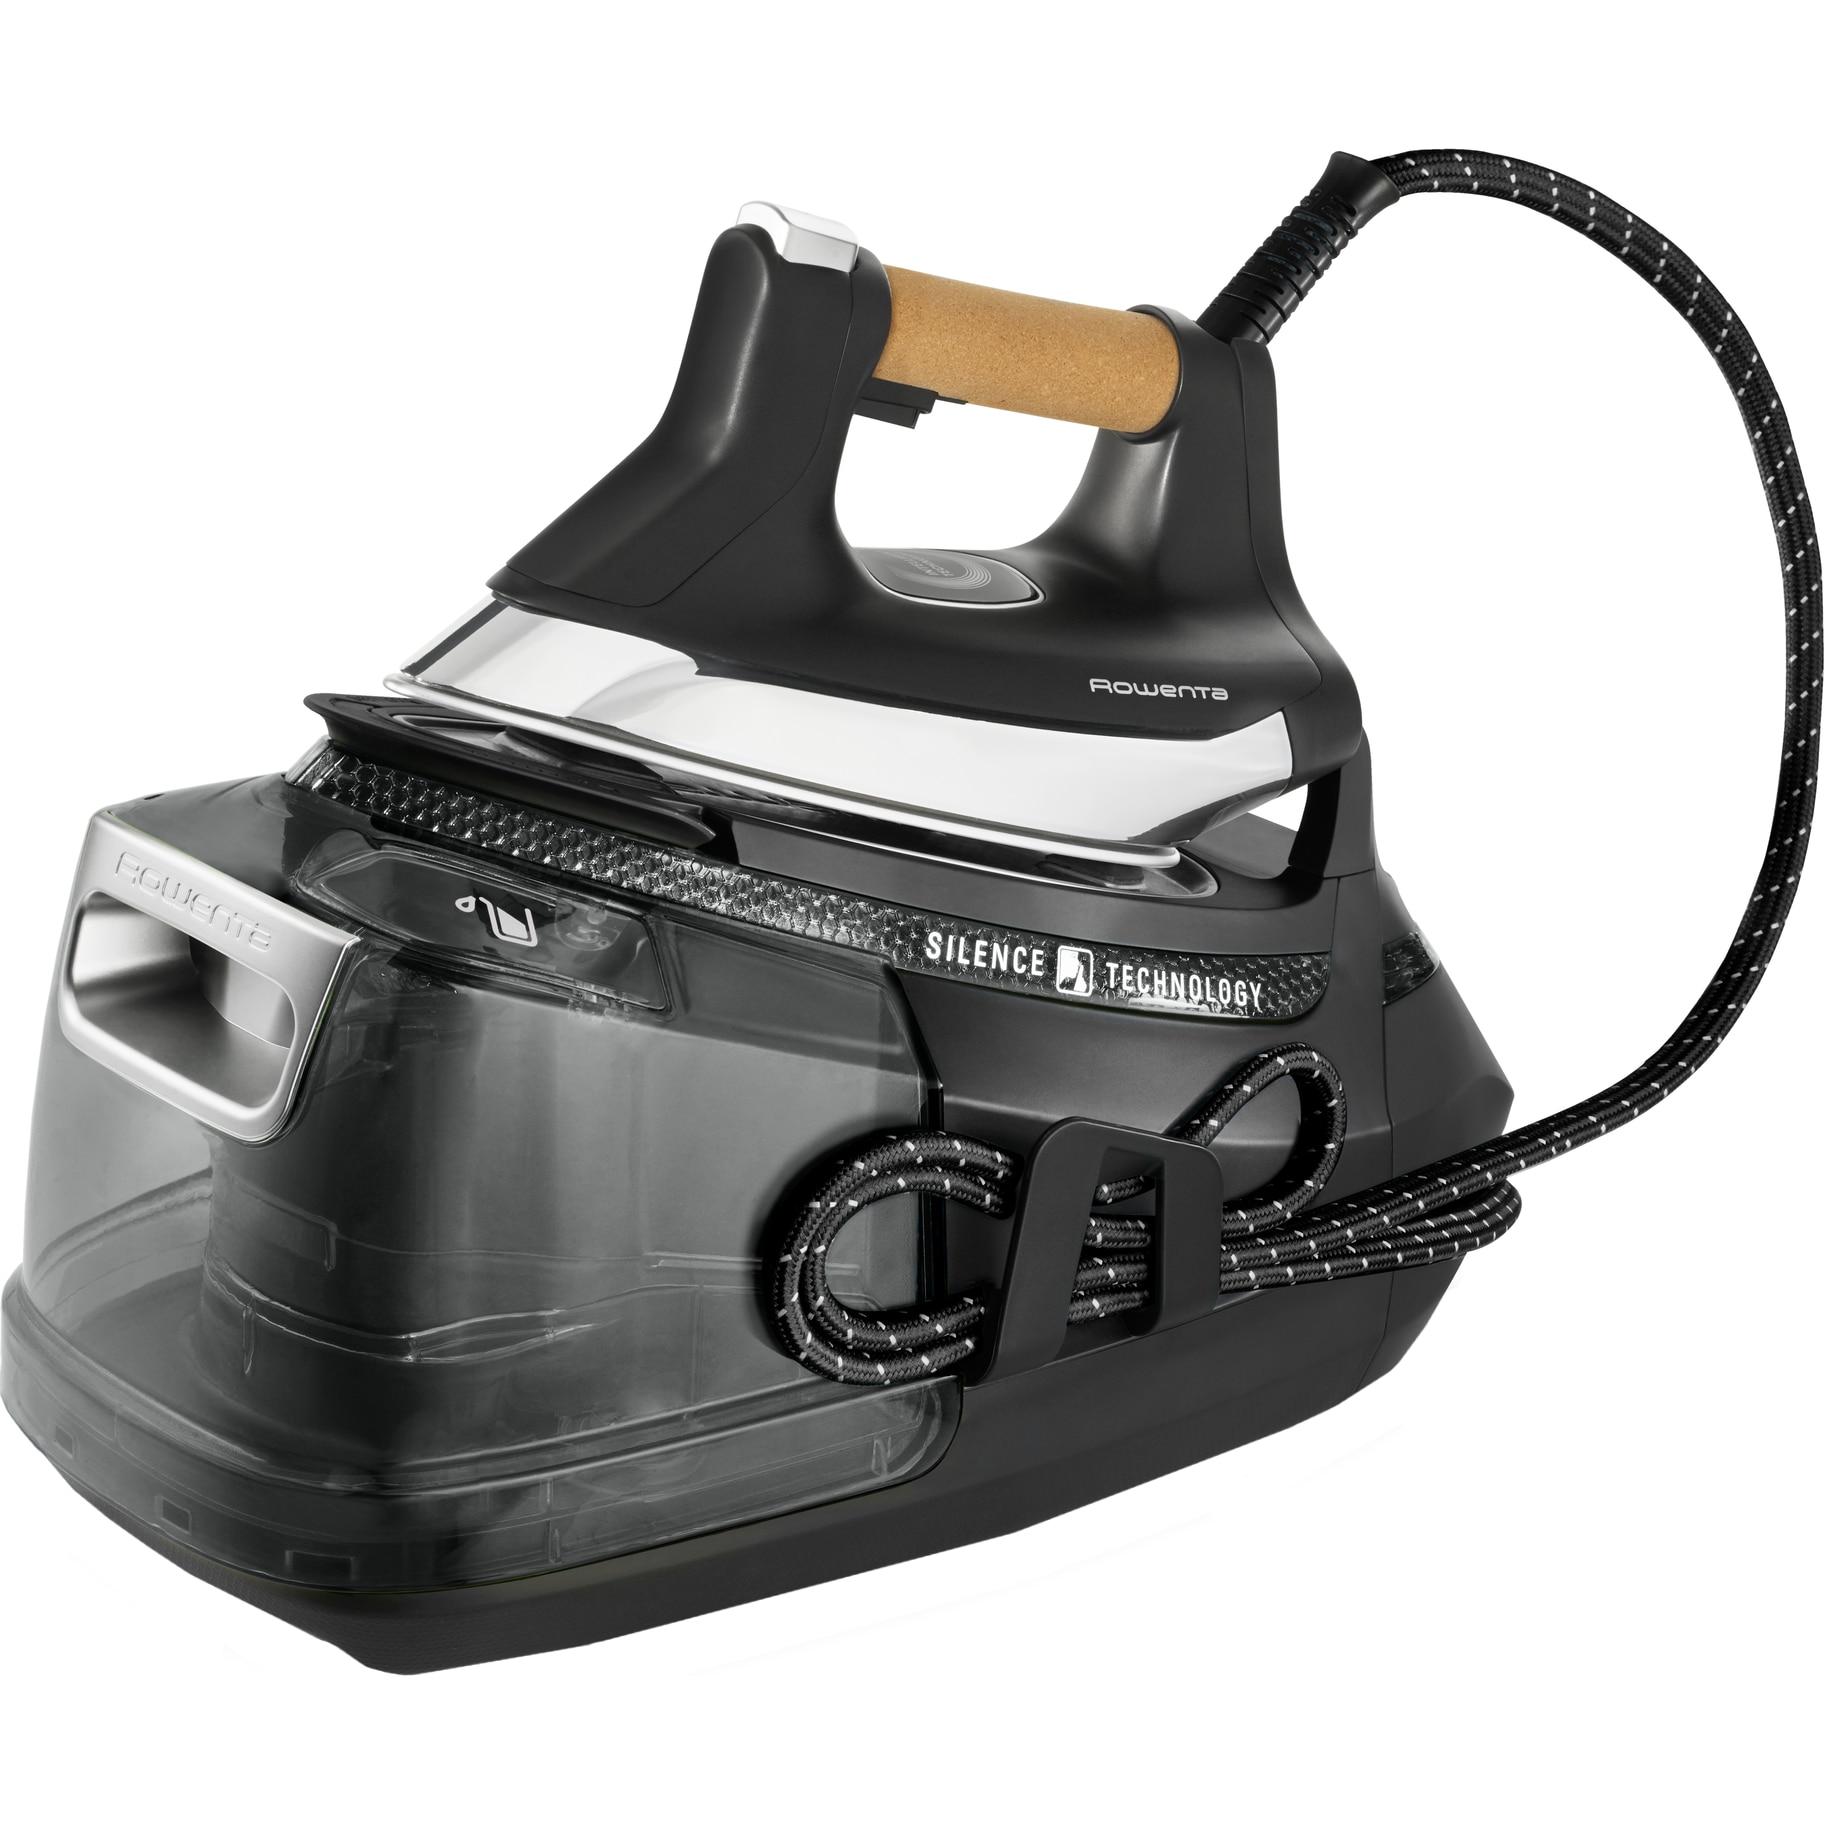 Fotografie Statie de calcat Rowenta Silence Pro DG9268F0, 2800W,1.3l, 600g/min, Talpa Microsteam 400HD 3De Laser, Negru